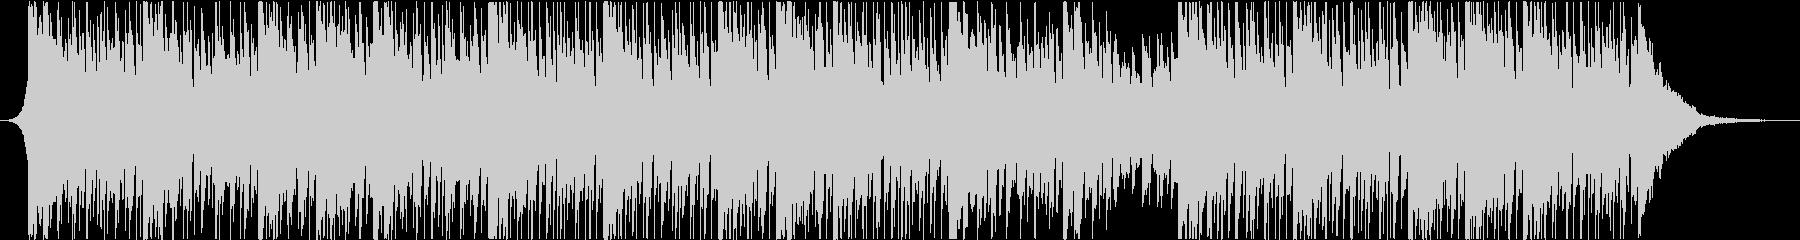 最小限のポップドラムグルーブの未再生の波形